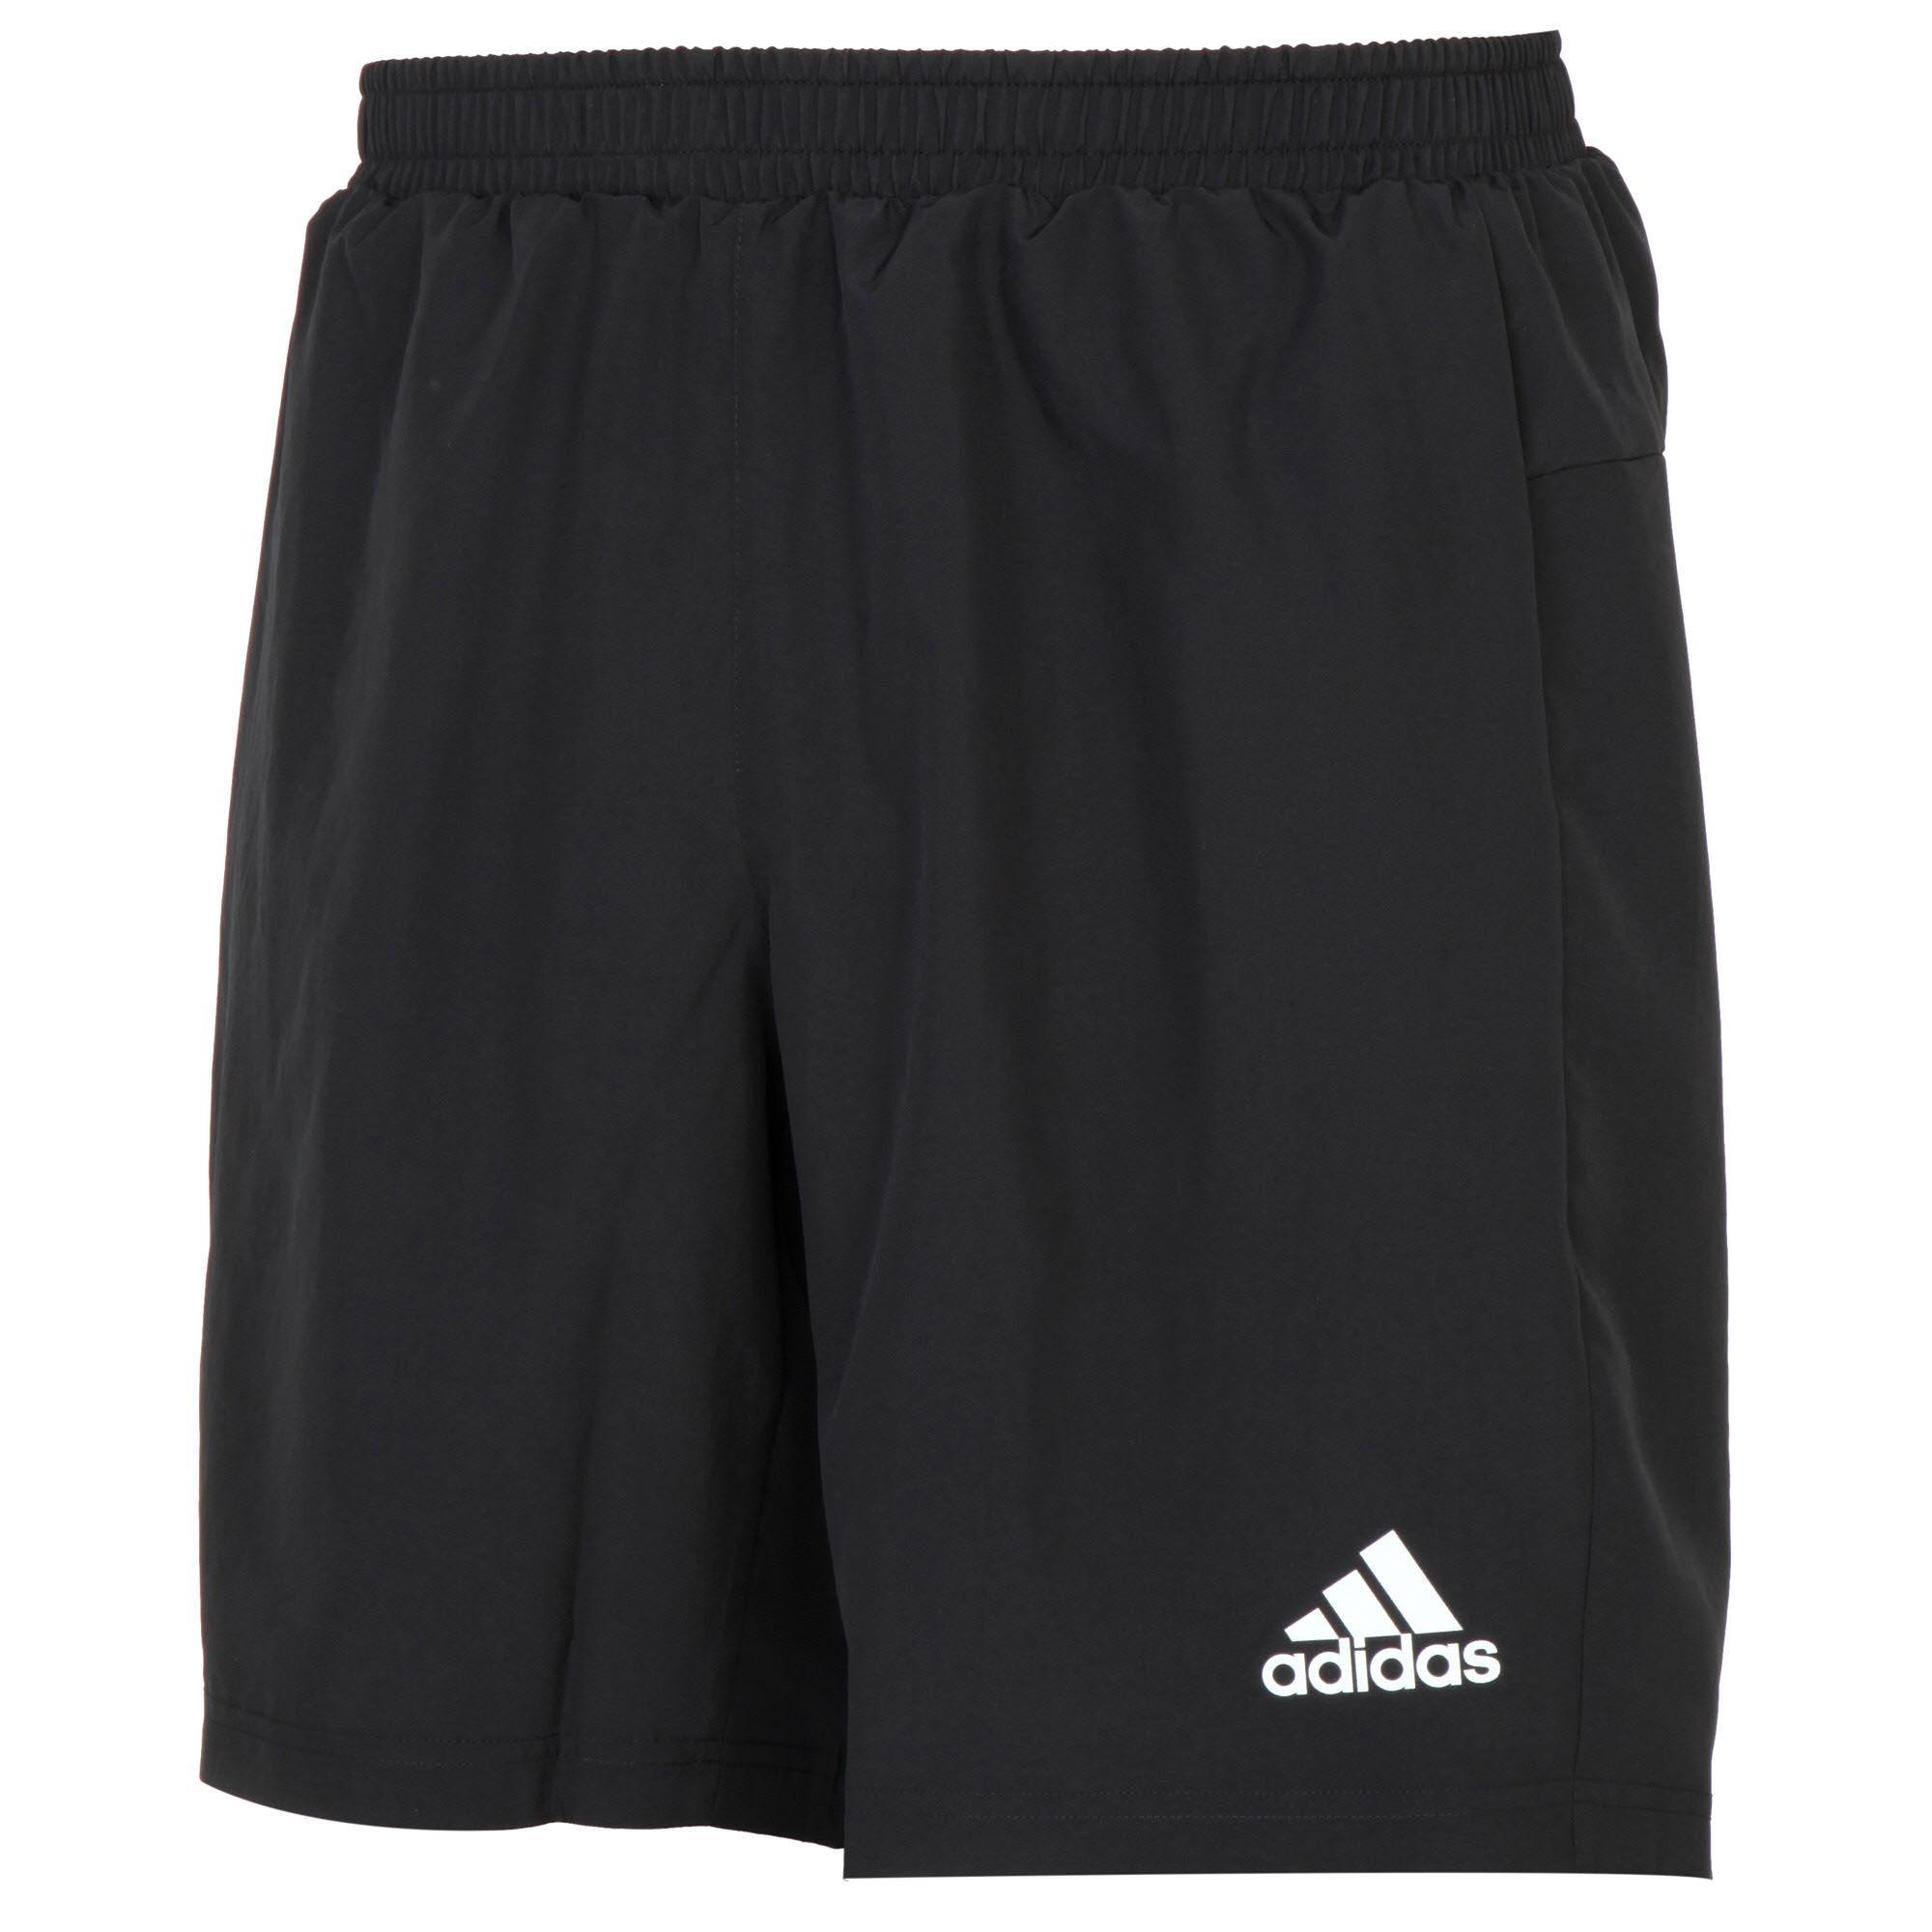 抵買推介:英國網購 Adidas 服飾波鞋低至 55 折!運動衫HK0起!